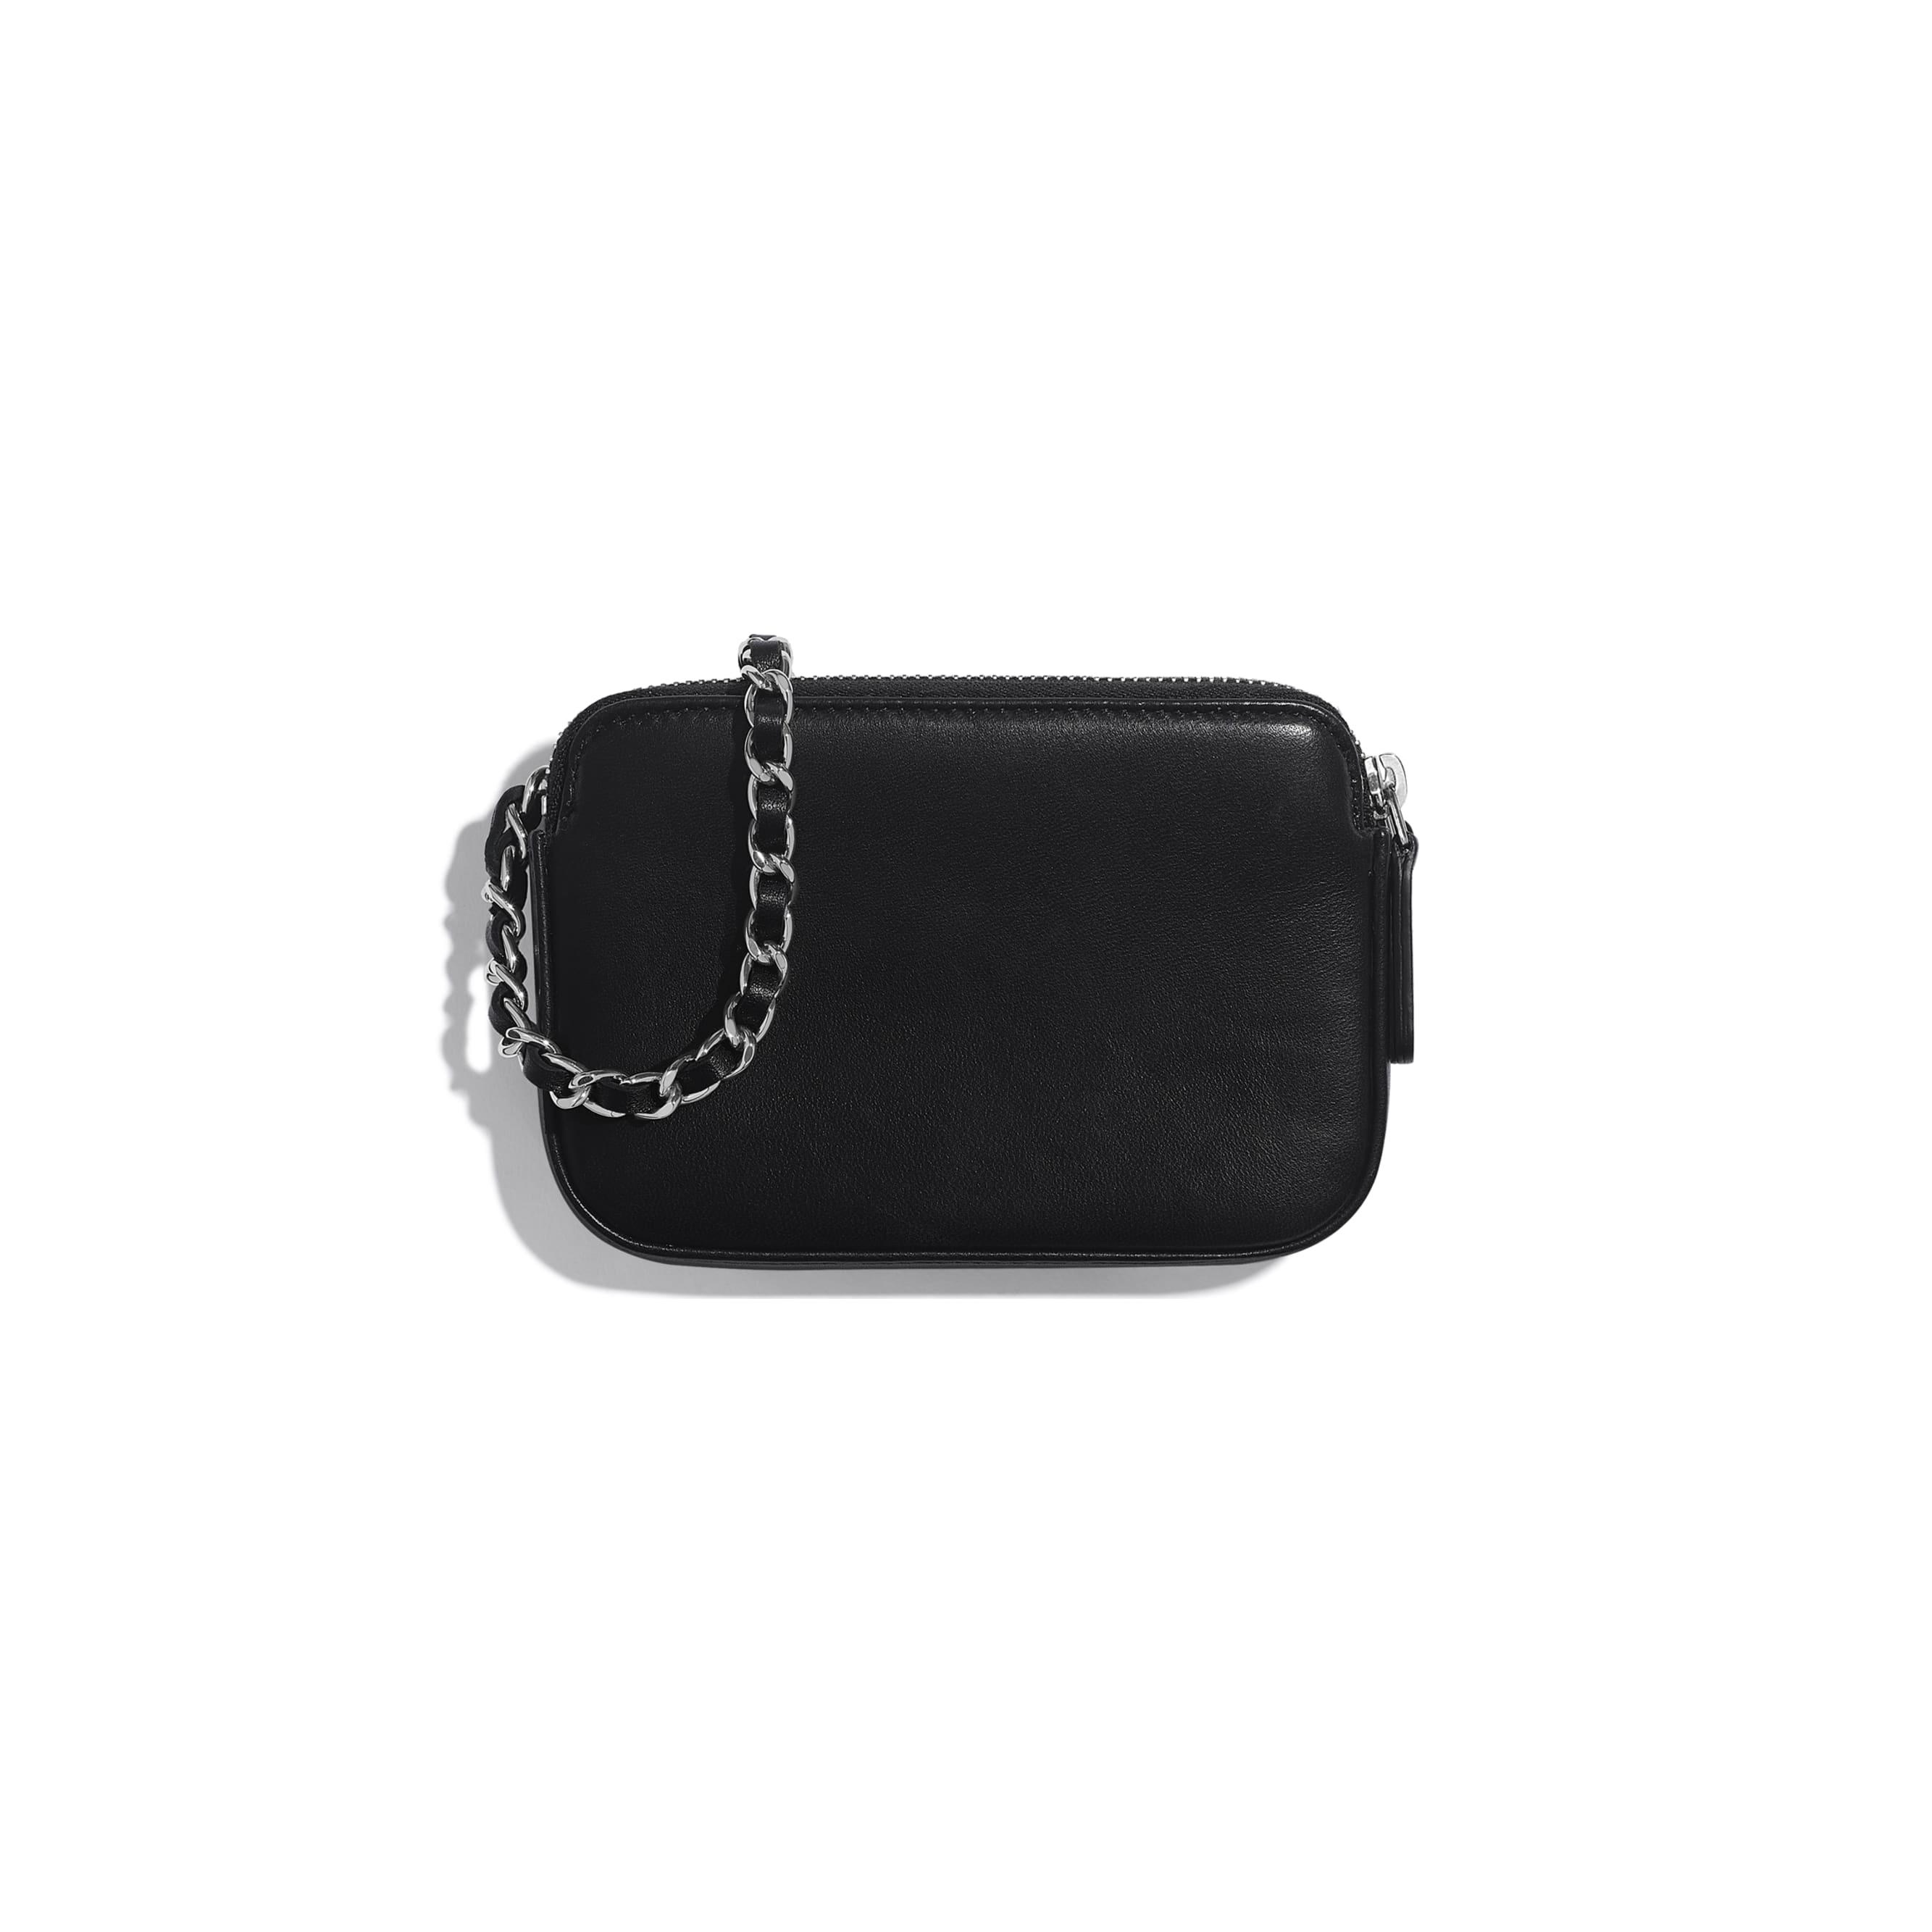 กระเป๋าคลัทช์พร้อมสายโซ่ - สีดำ สีเงิน และสีขาว - หนังแกะ ปักเลื่อม และประดับโลหะสีเงิน - มุมมองทางอื่น - ดูเวอร์ชันขนาดมาตรฐาน